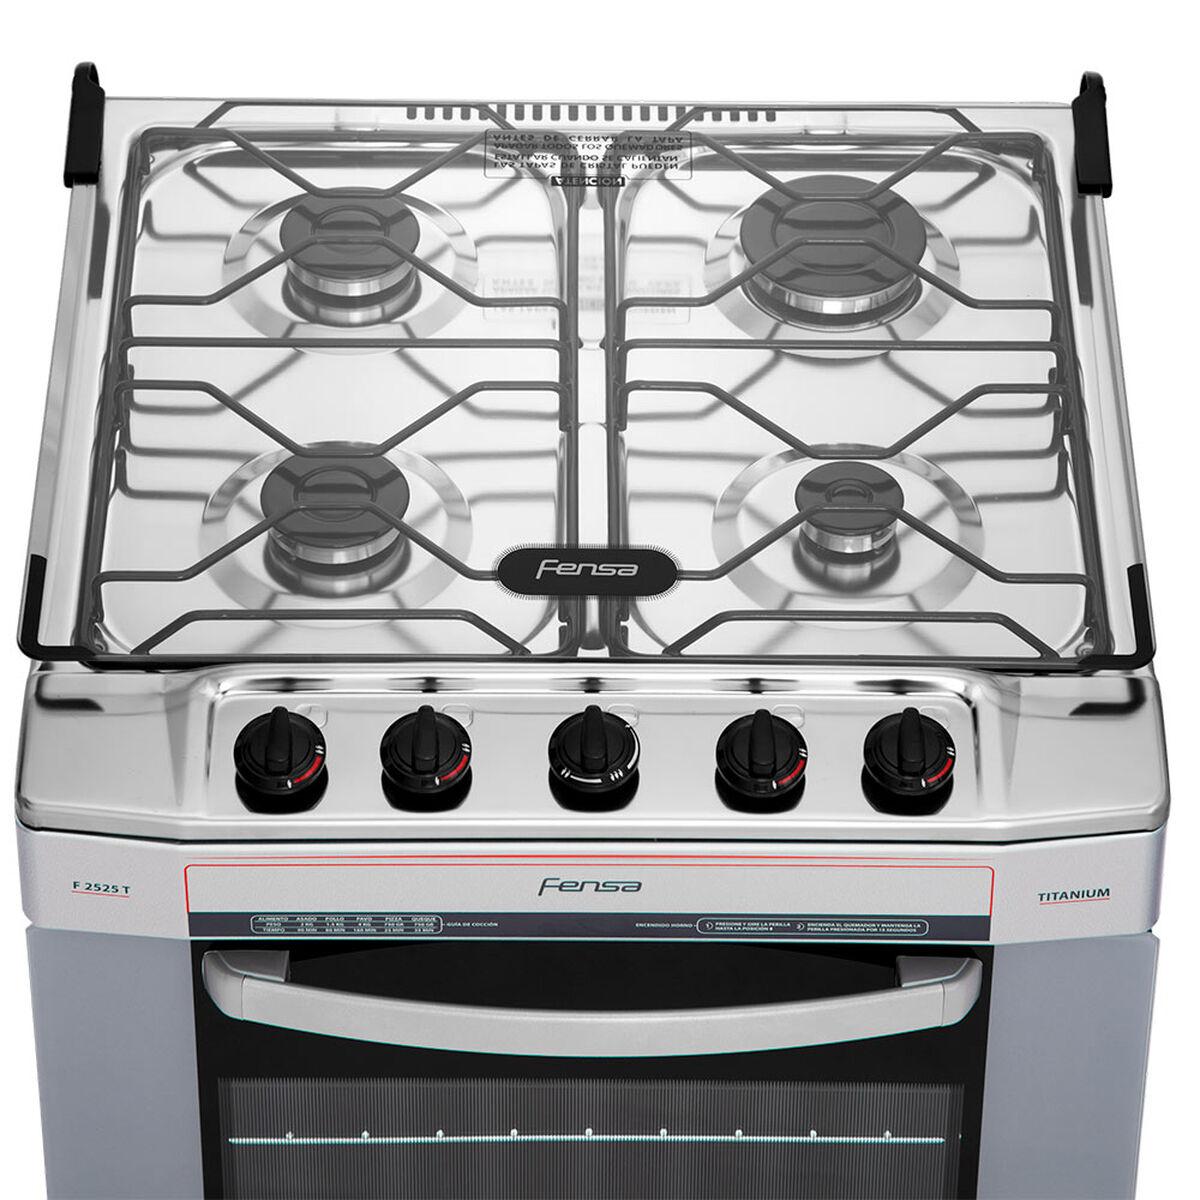 Cocina a Gas Fensa F 2525 66 lt